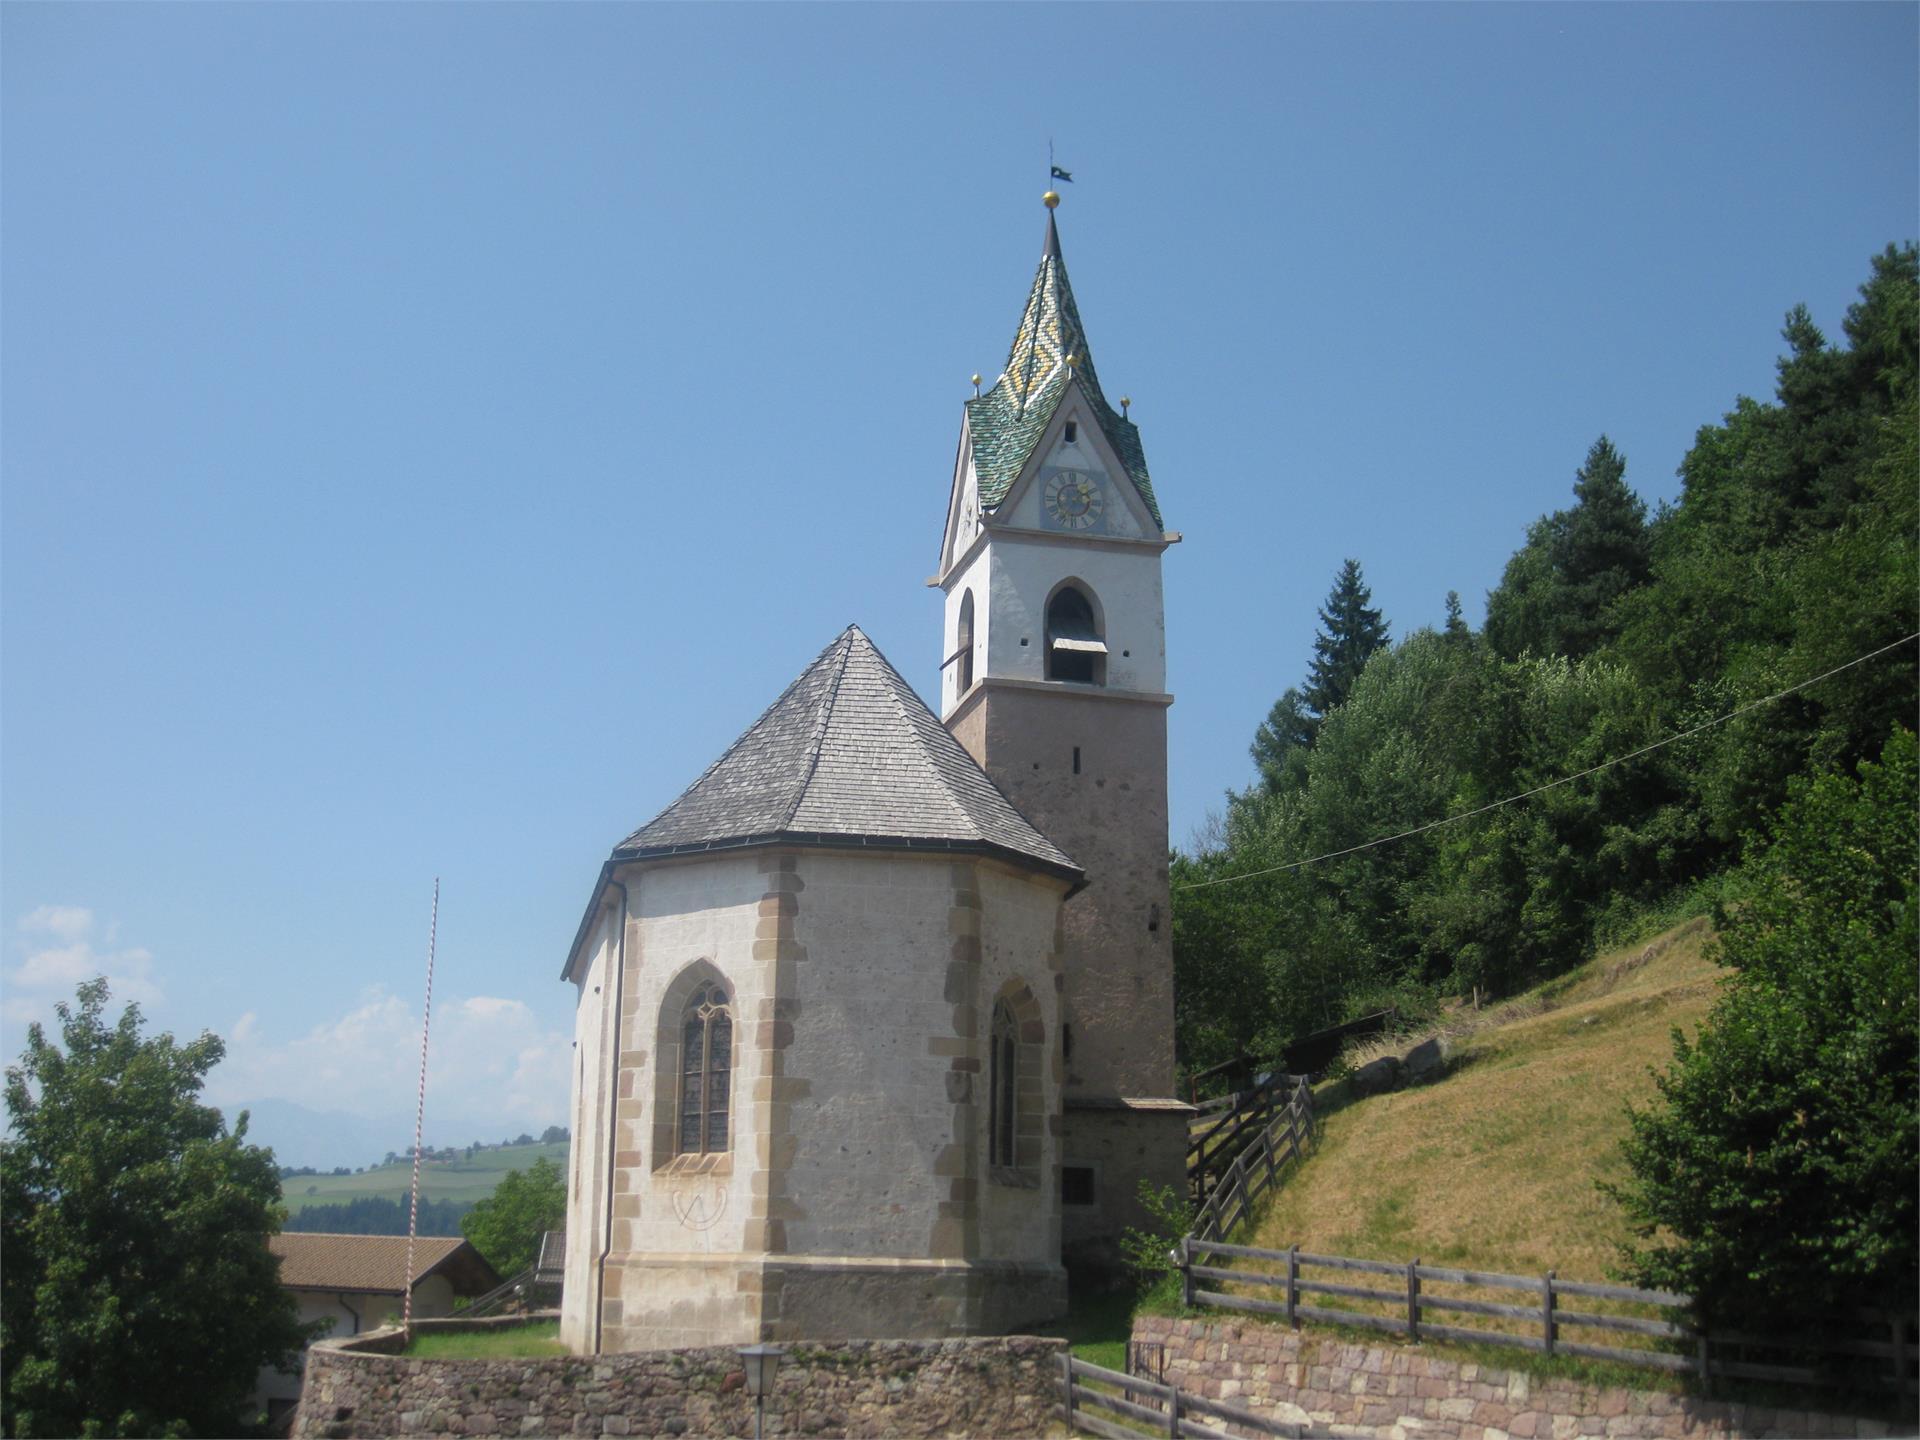 St. Blasiuskirche in Verschneid